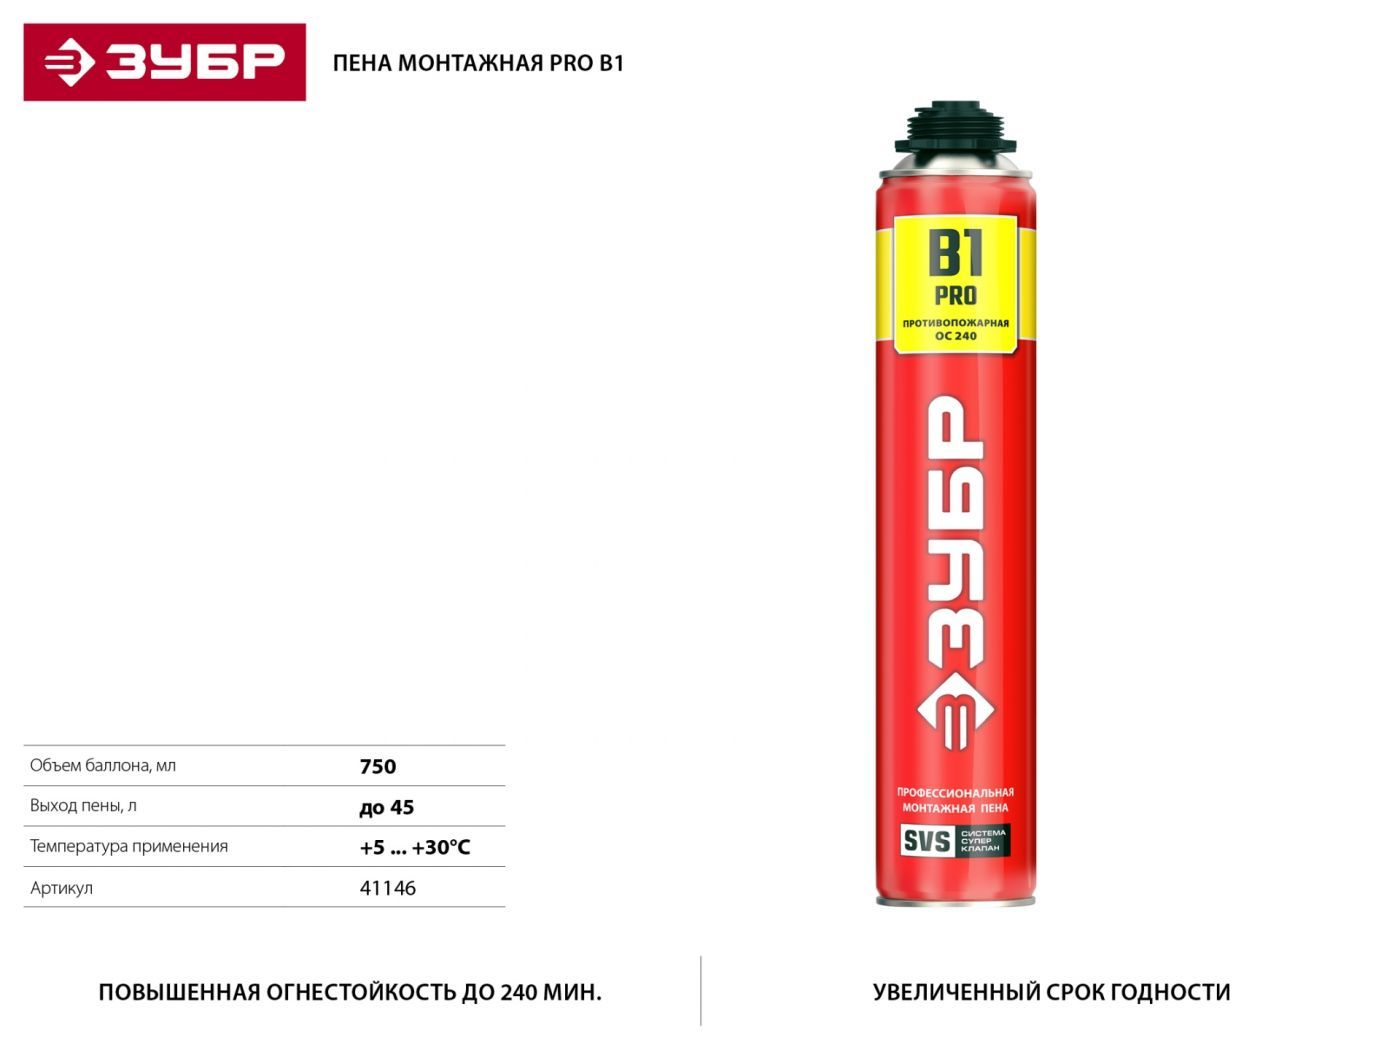 Полиуретановая пена: монтажная двухкомпонентная водостойкая продукция, пенополиуретановый клей-пена, технические характеристики